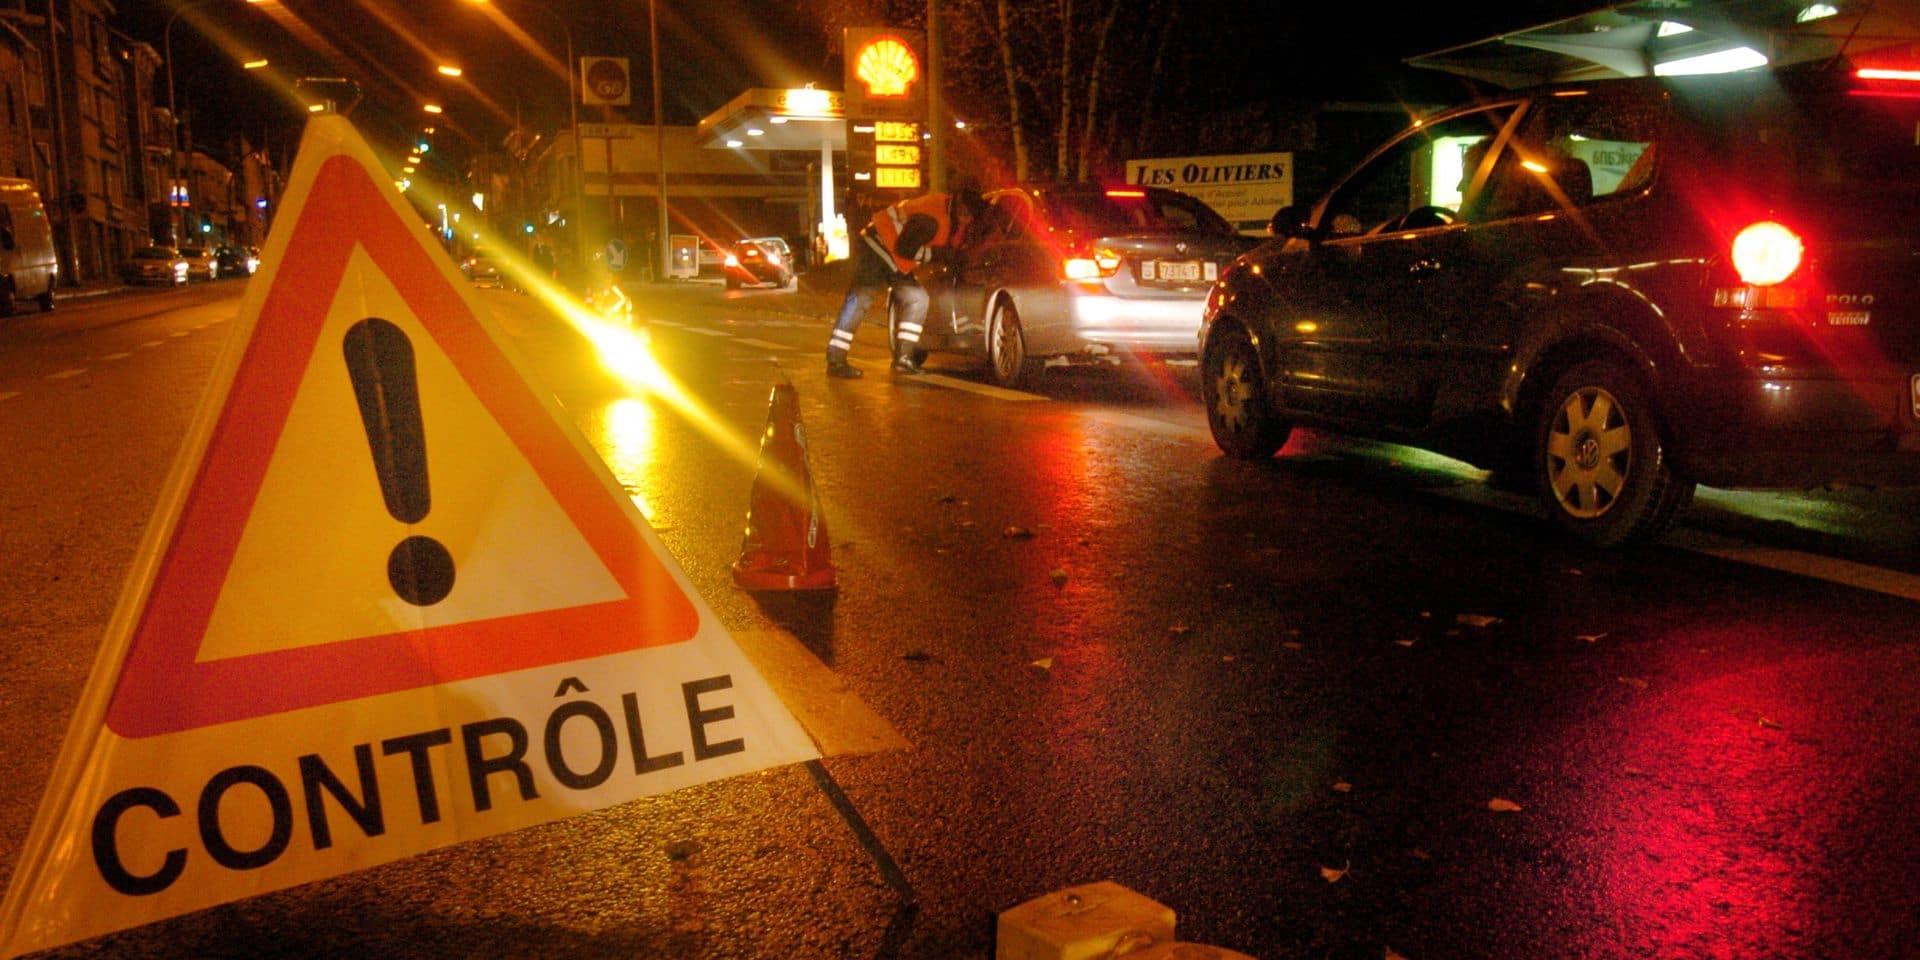 Contrôles nocturnes dans le Borinage : 12 PV et un retrait de permis